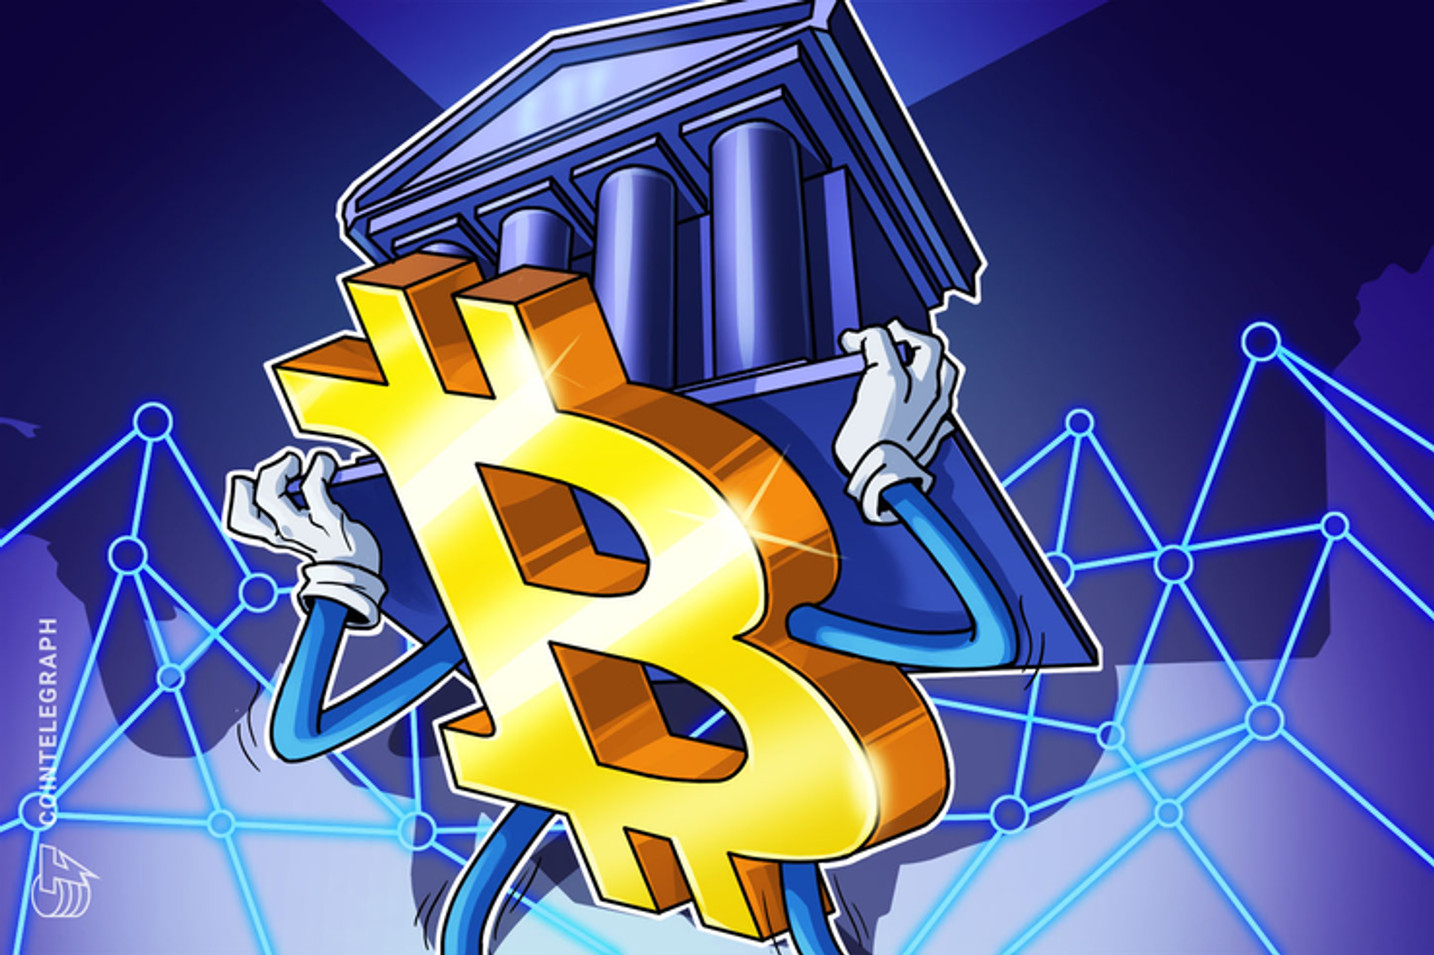 Banco Central da Argentina proíbe uso de cartão de crédito para comprar Bitcoin